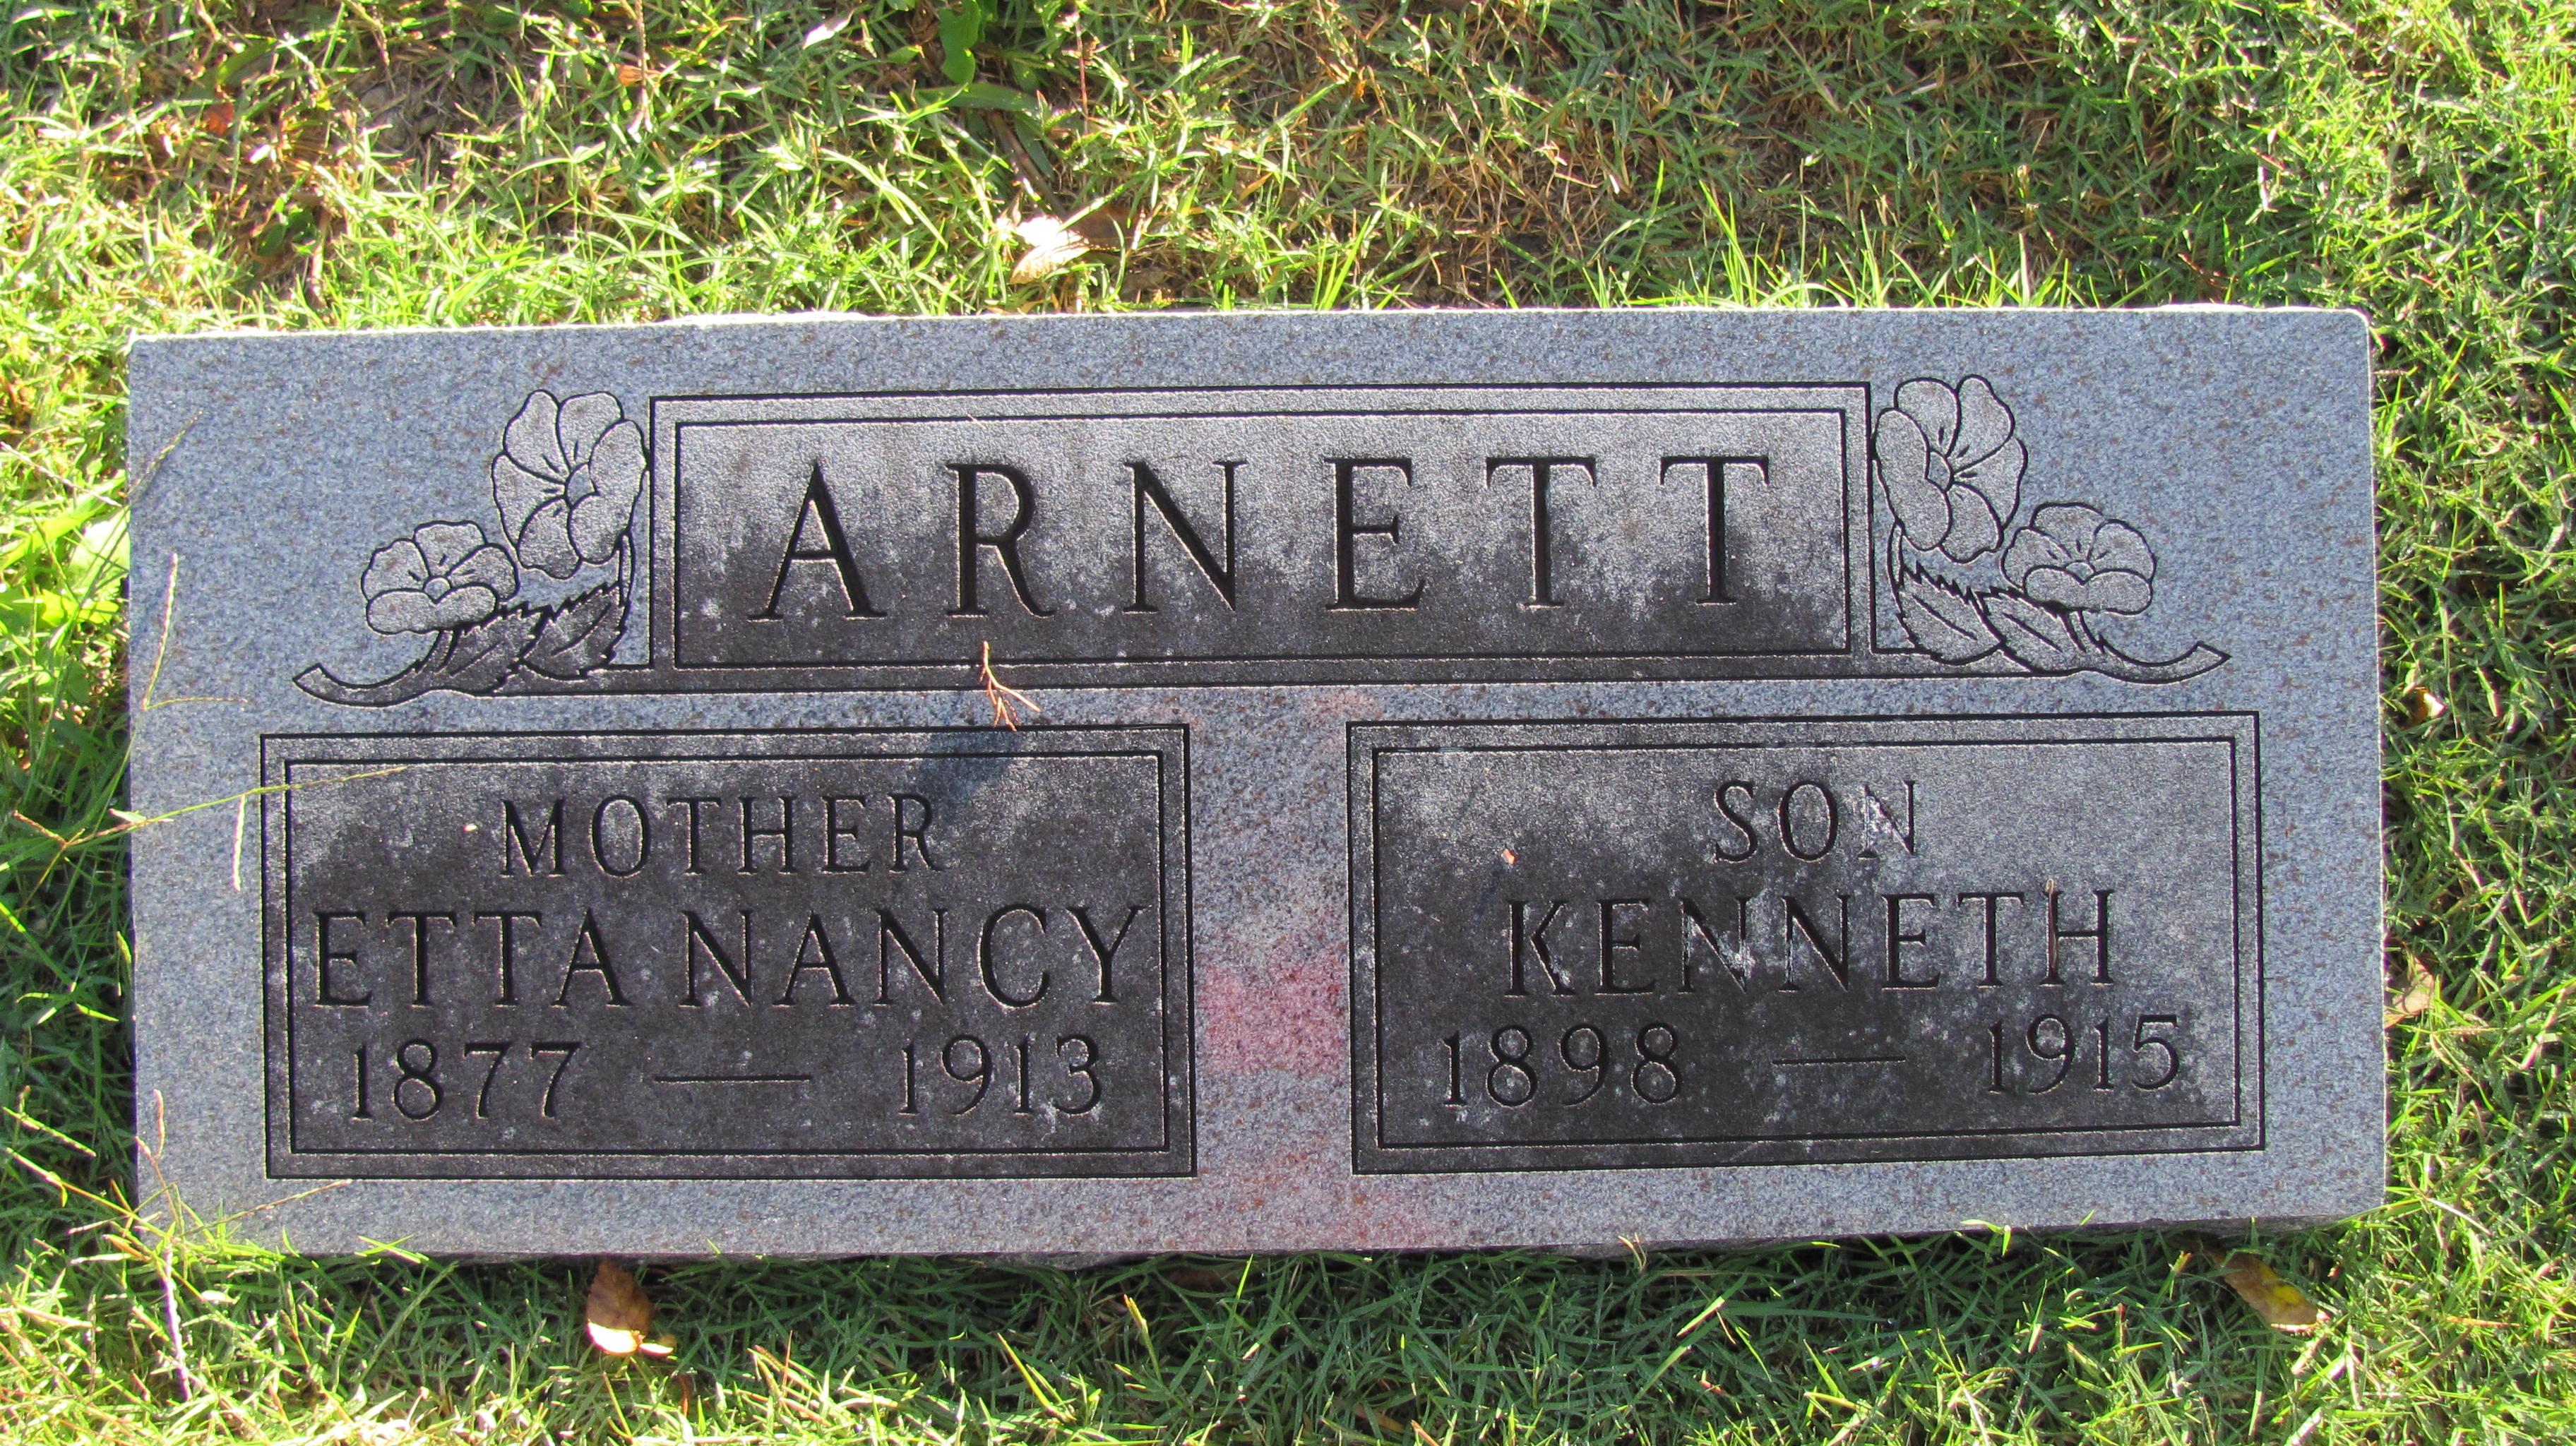 Etta Nancy Arnett